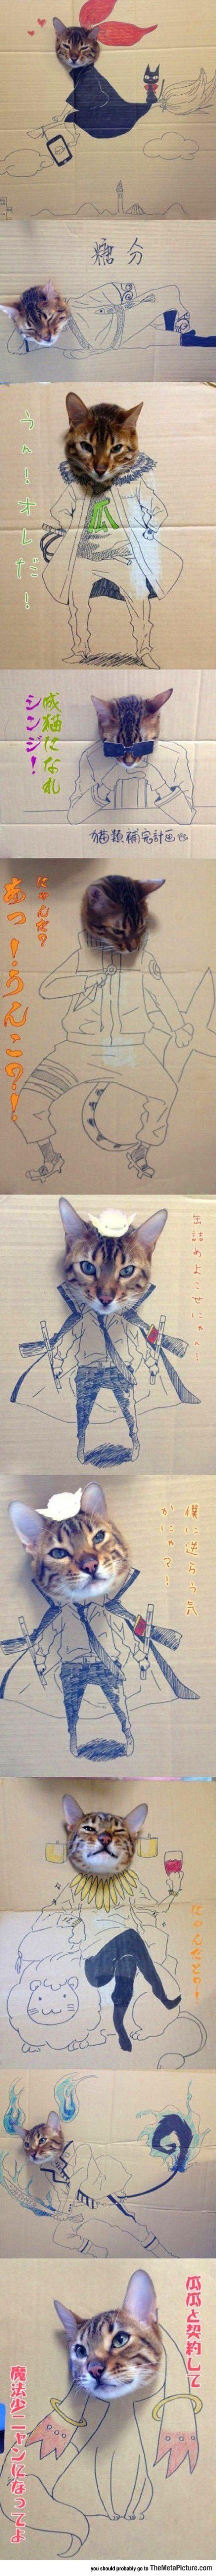 Les aventures d'un chat avec du carton... - <a href=